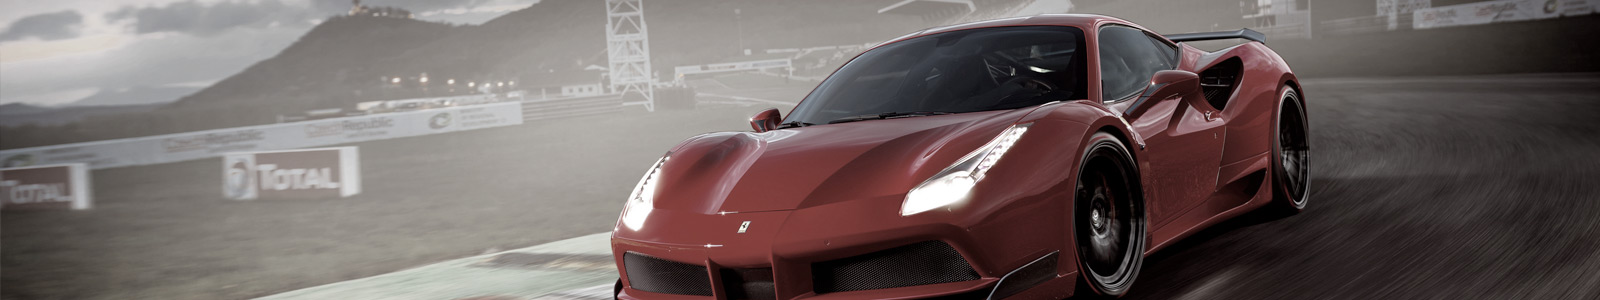 """""""Du kan ikke købe lykke, men det er svært at græde i en Ferrari"""""""